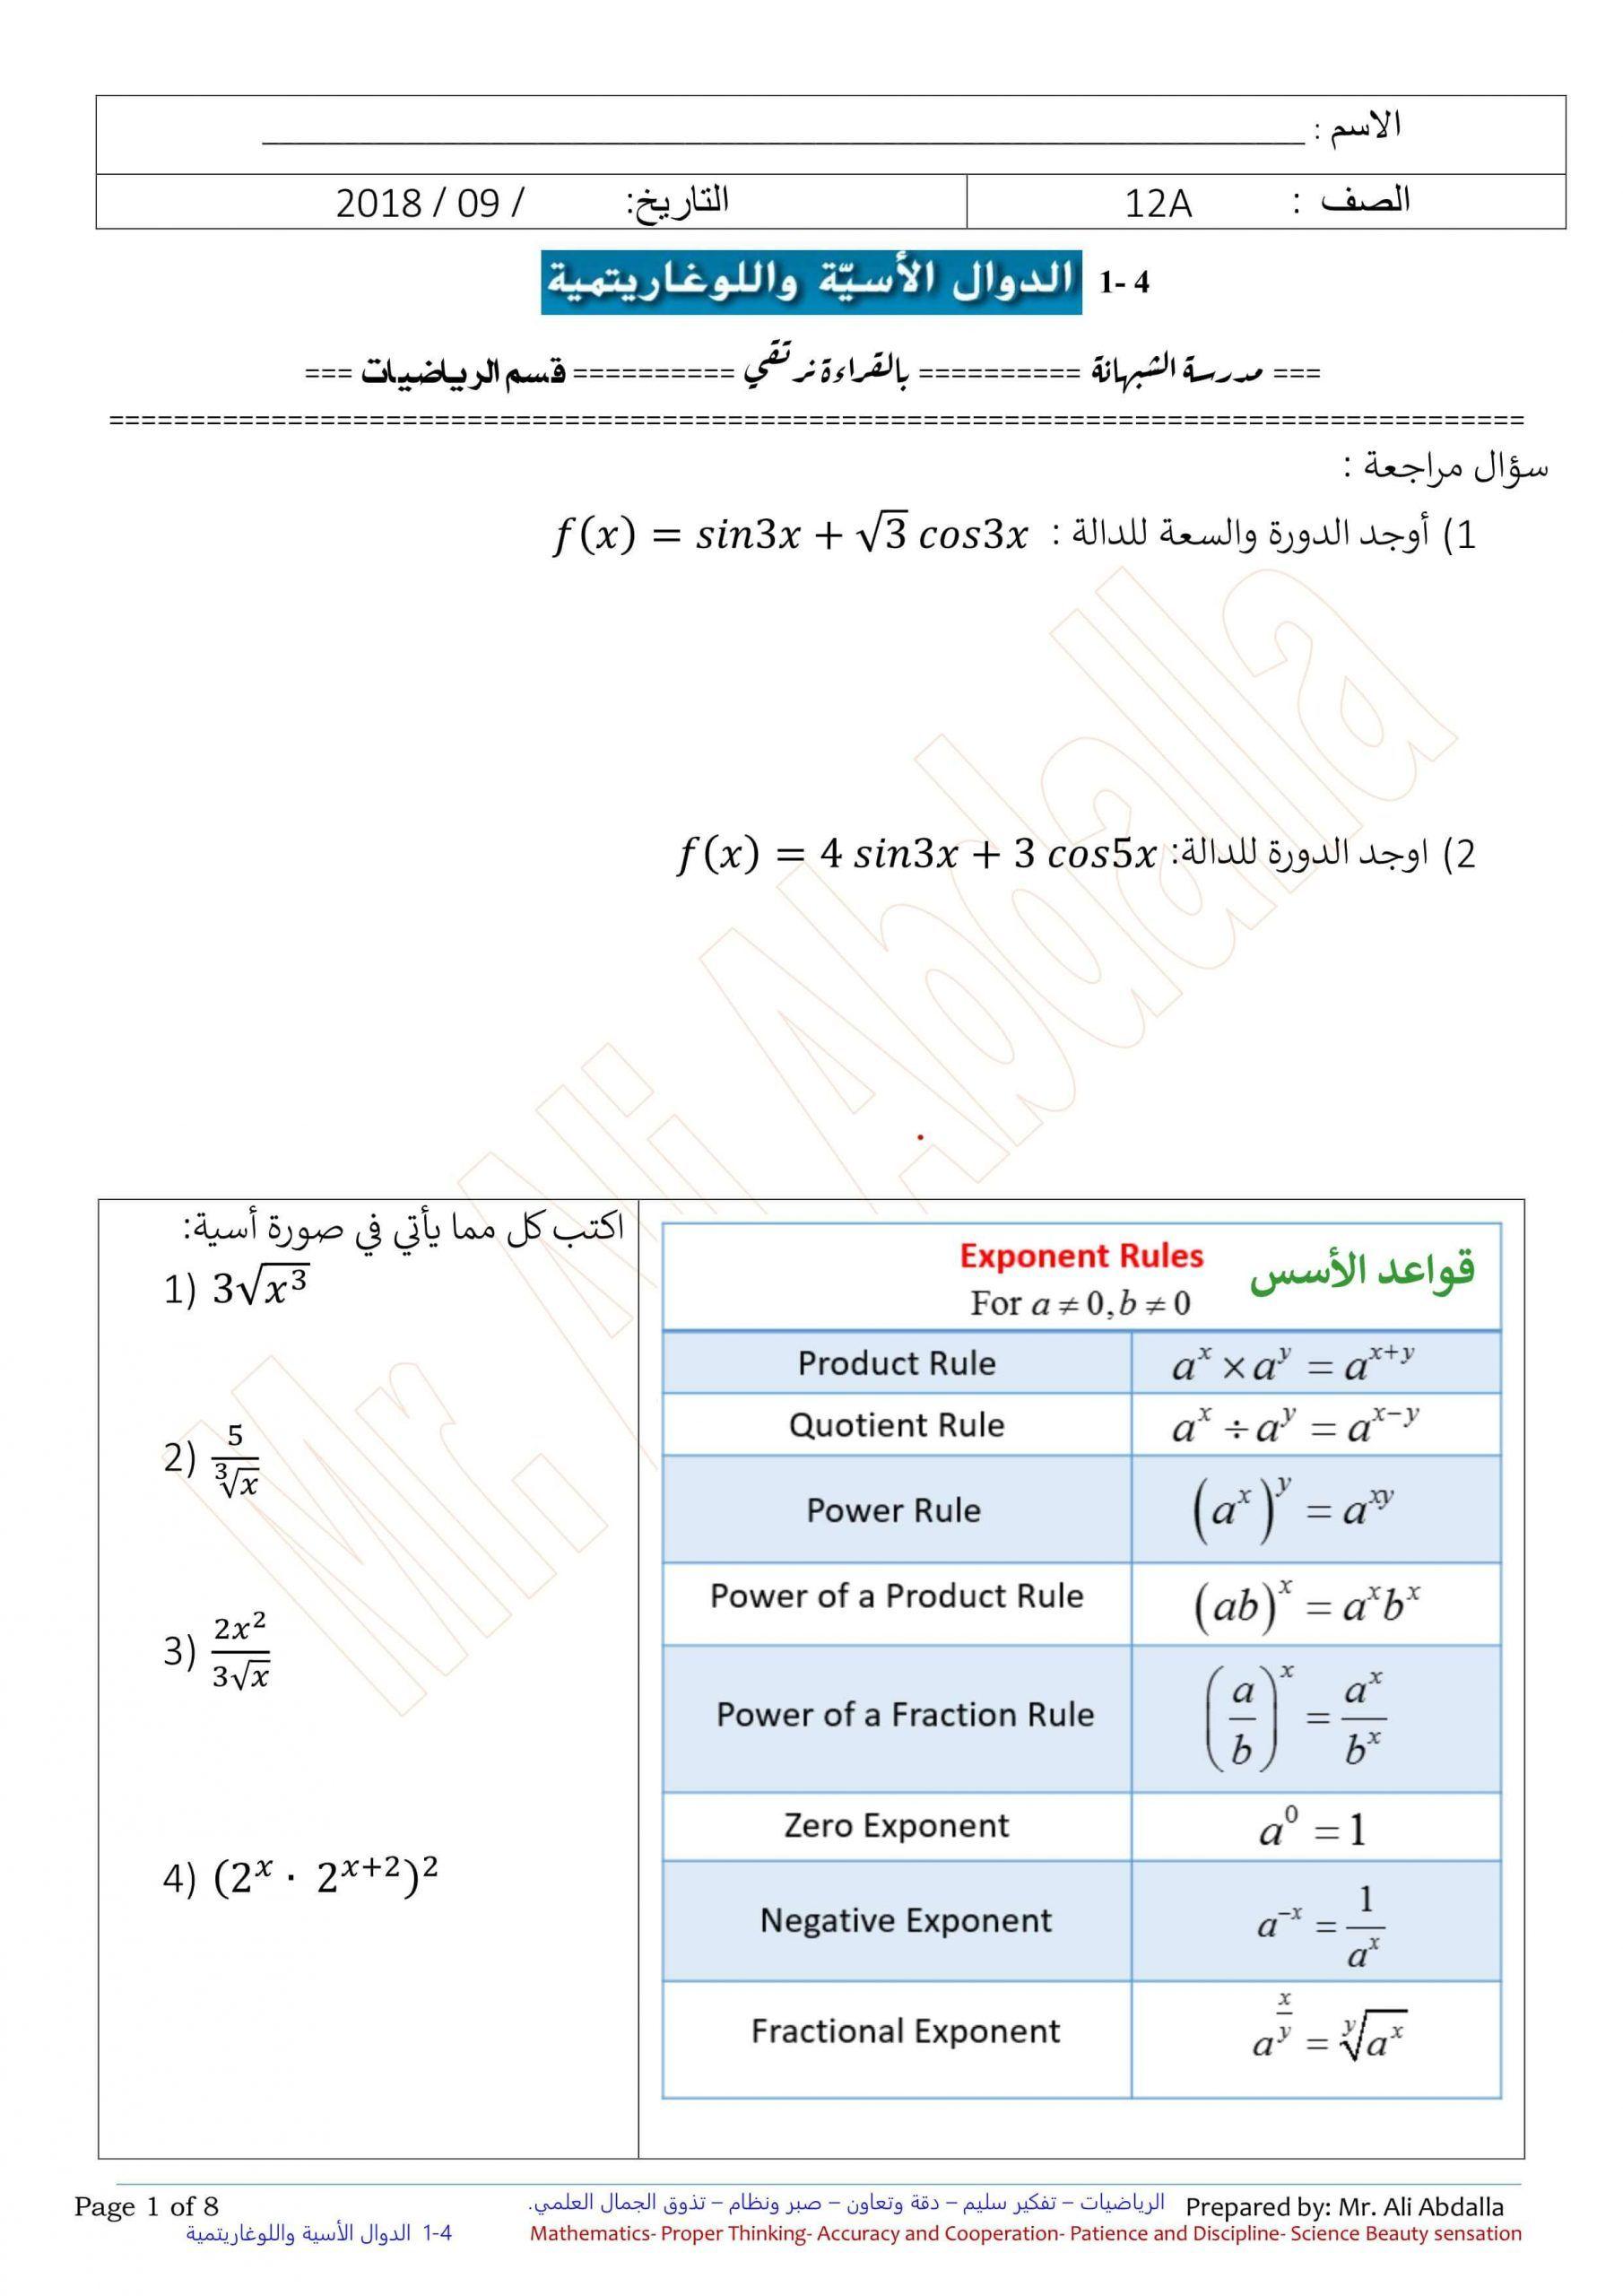 اوراق عمل الدوال الاسية واللوغاريتمية للصف الثاني عشر مادة الرياضيات المتكاملة Quotient Rule Product Rule Exponent Rules